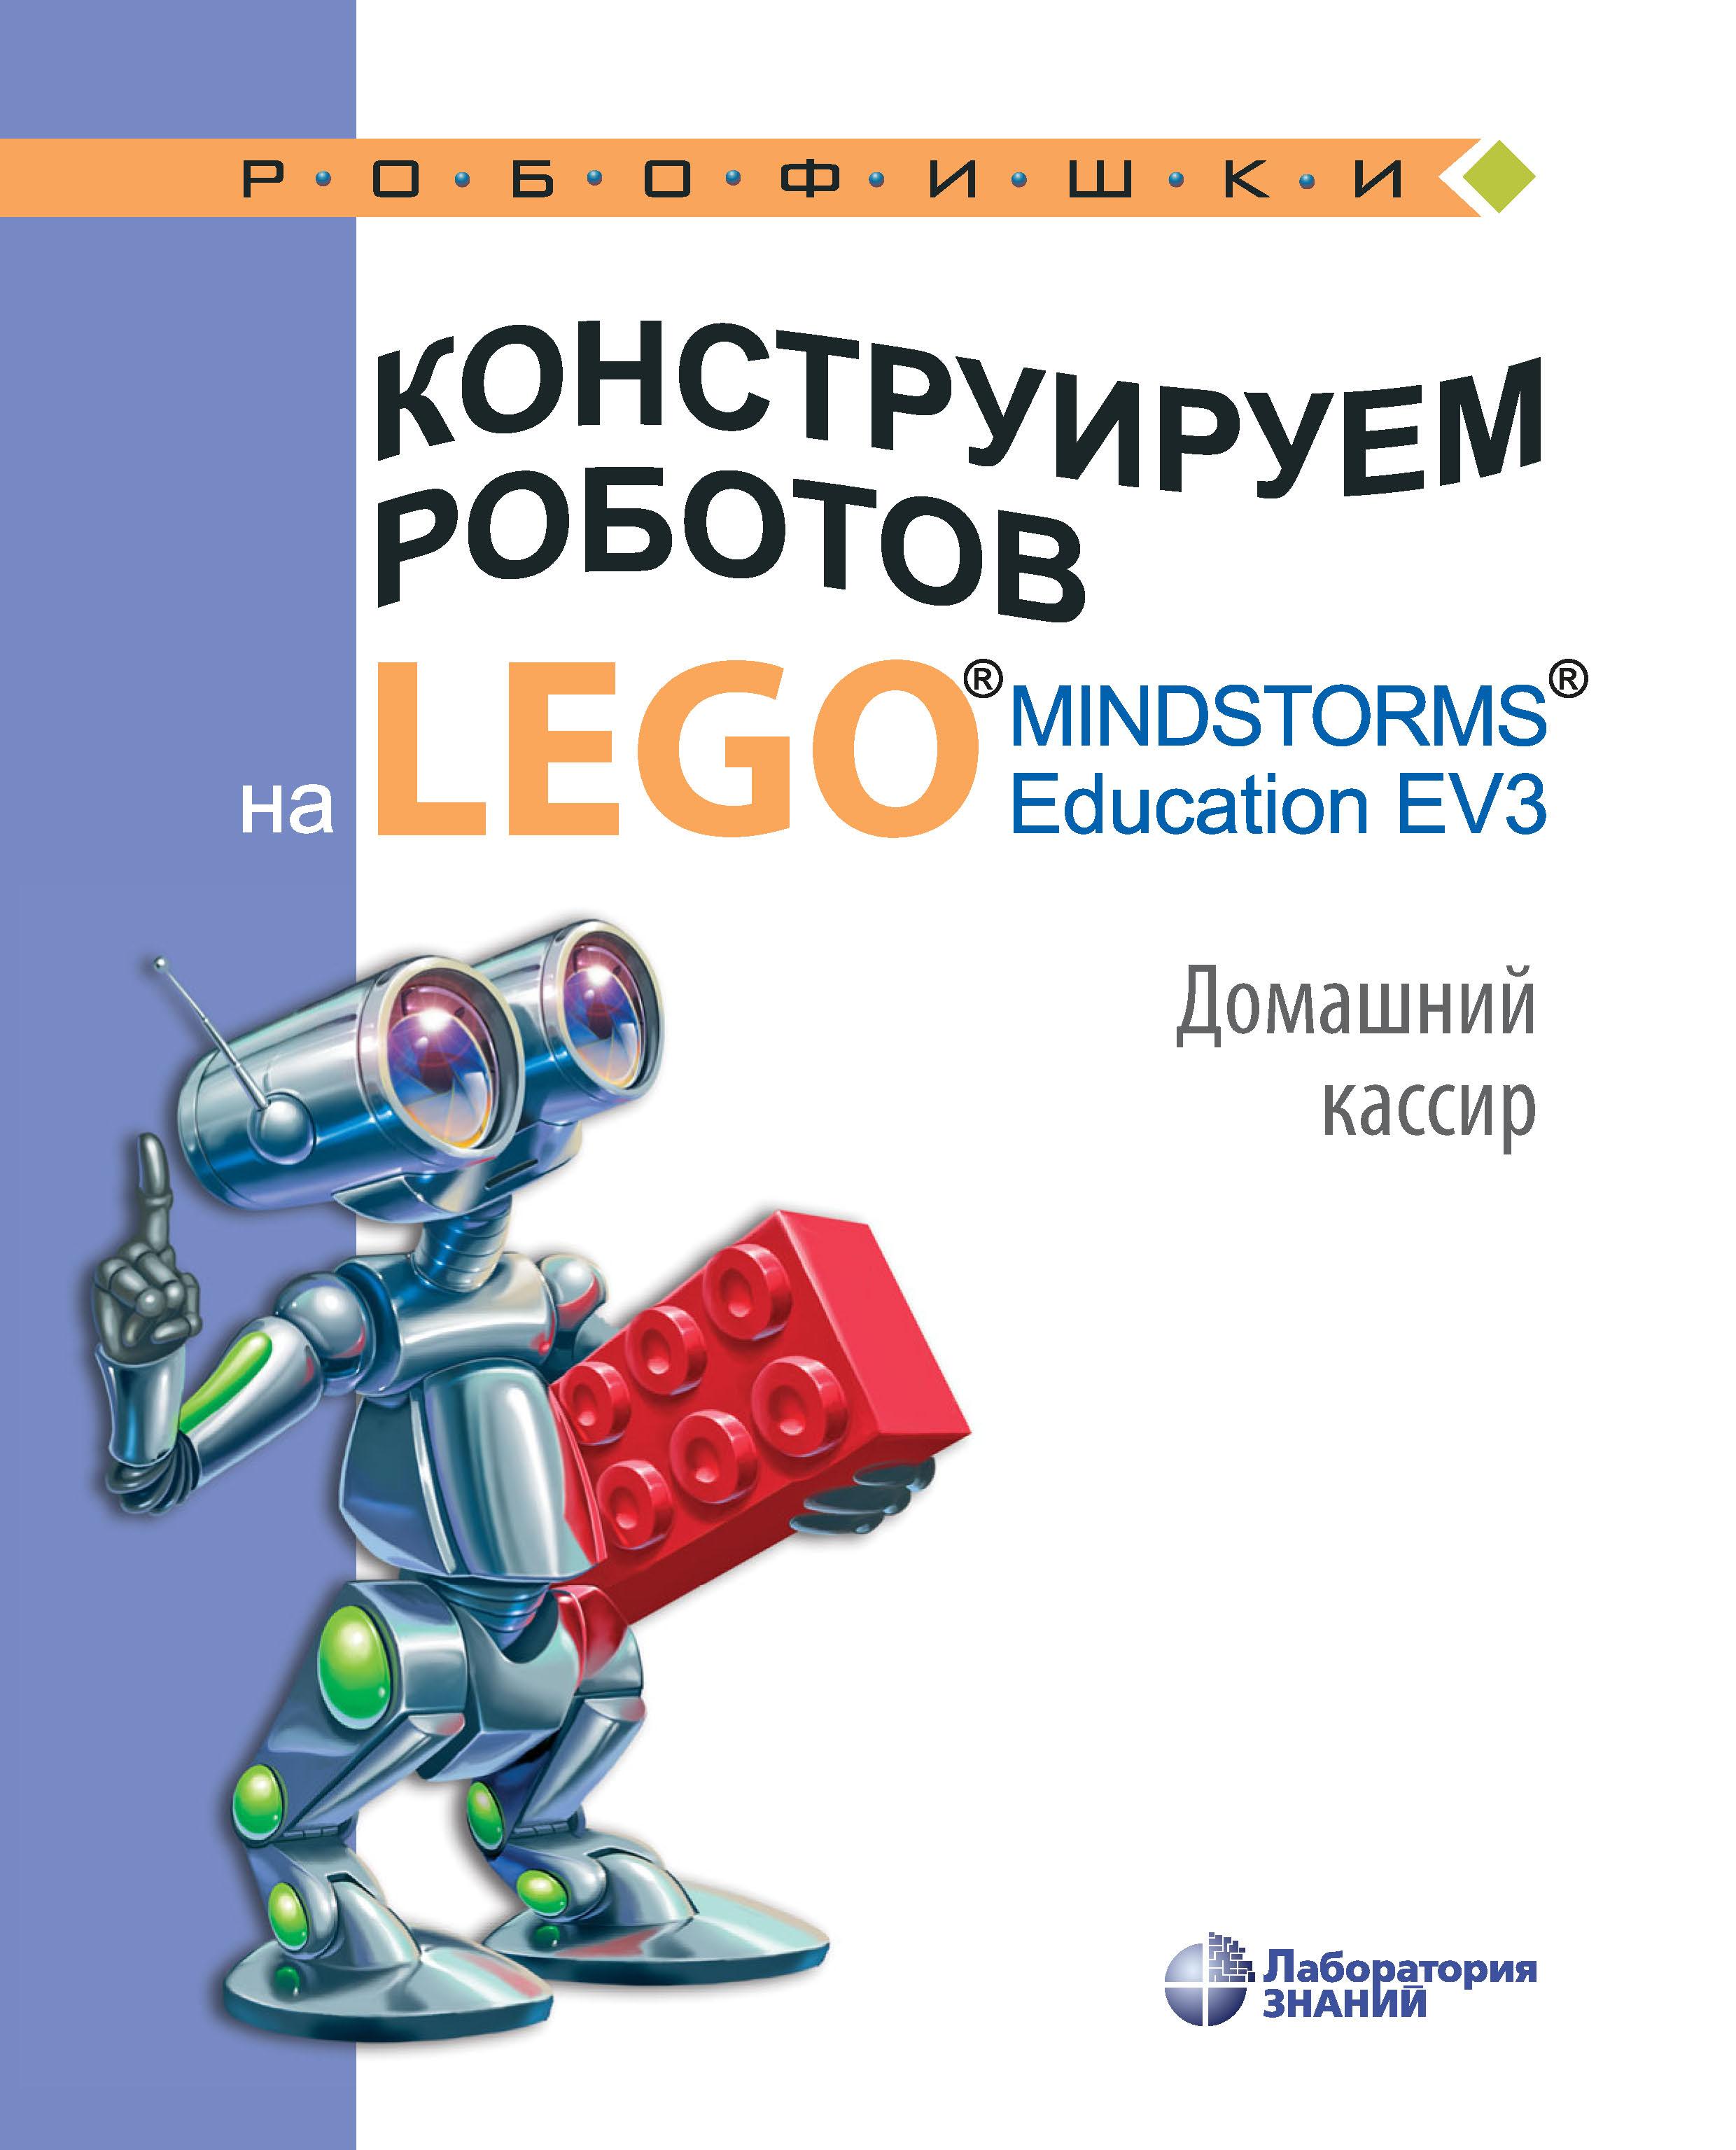 В. В. Тарапата Конструируем роботов на LEGO MINDSTORMS Education EV3. Домашний кассир а а валуев конструируем роботов на lego mindstorms education ev3 который час